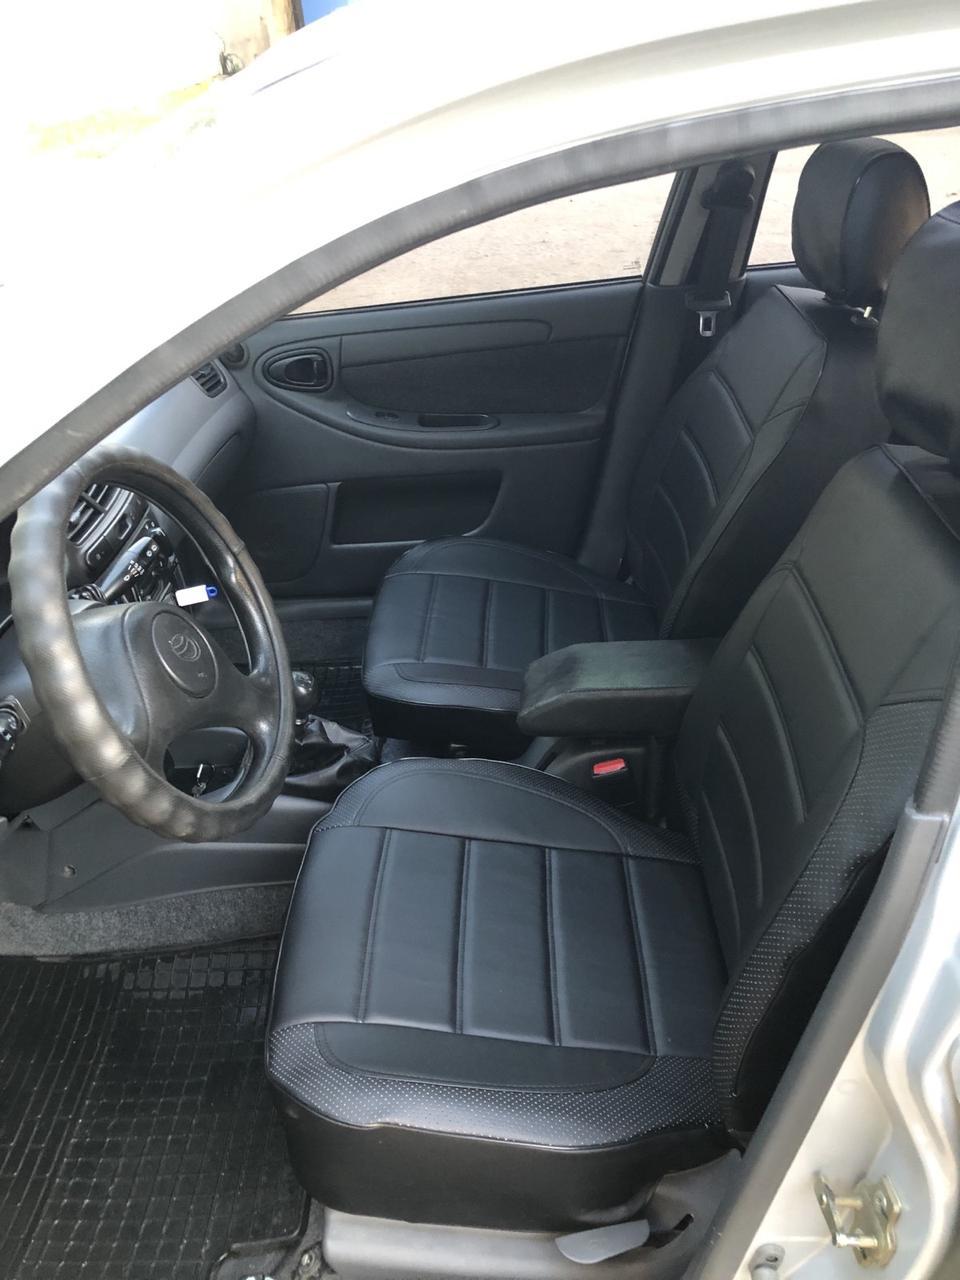 Чохли на сидіння Мерседес W201 (Mercedes W201) модельні MAX-L з екошкіри Чорний Чорно-білий